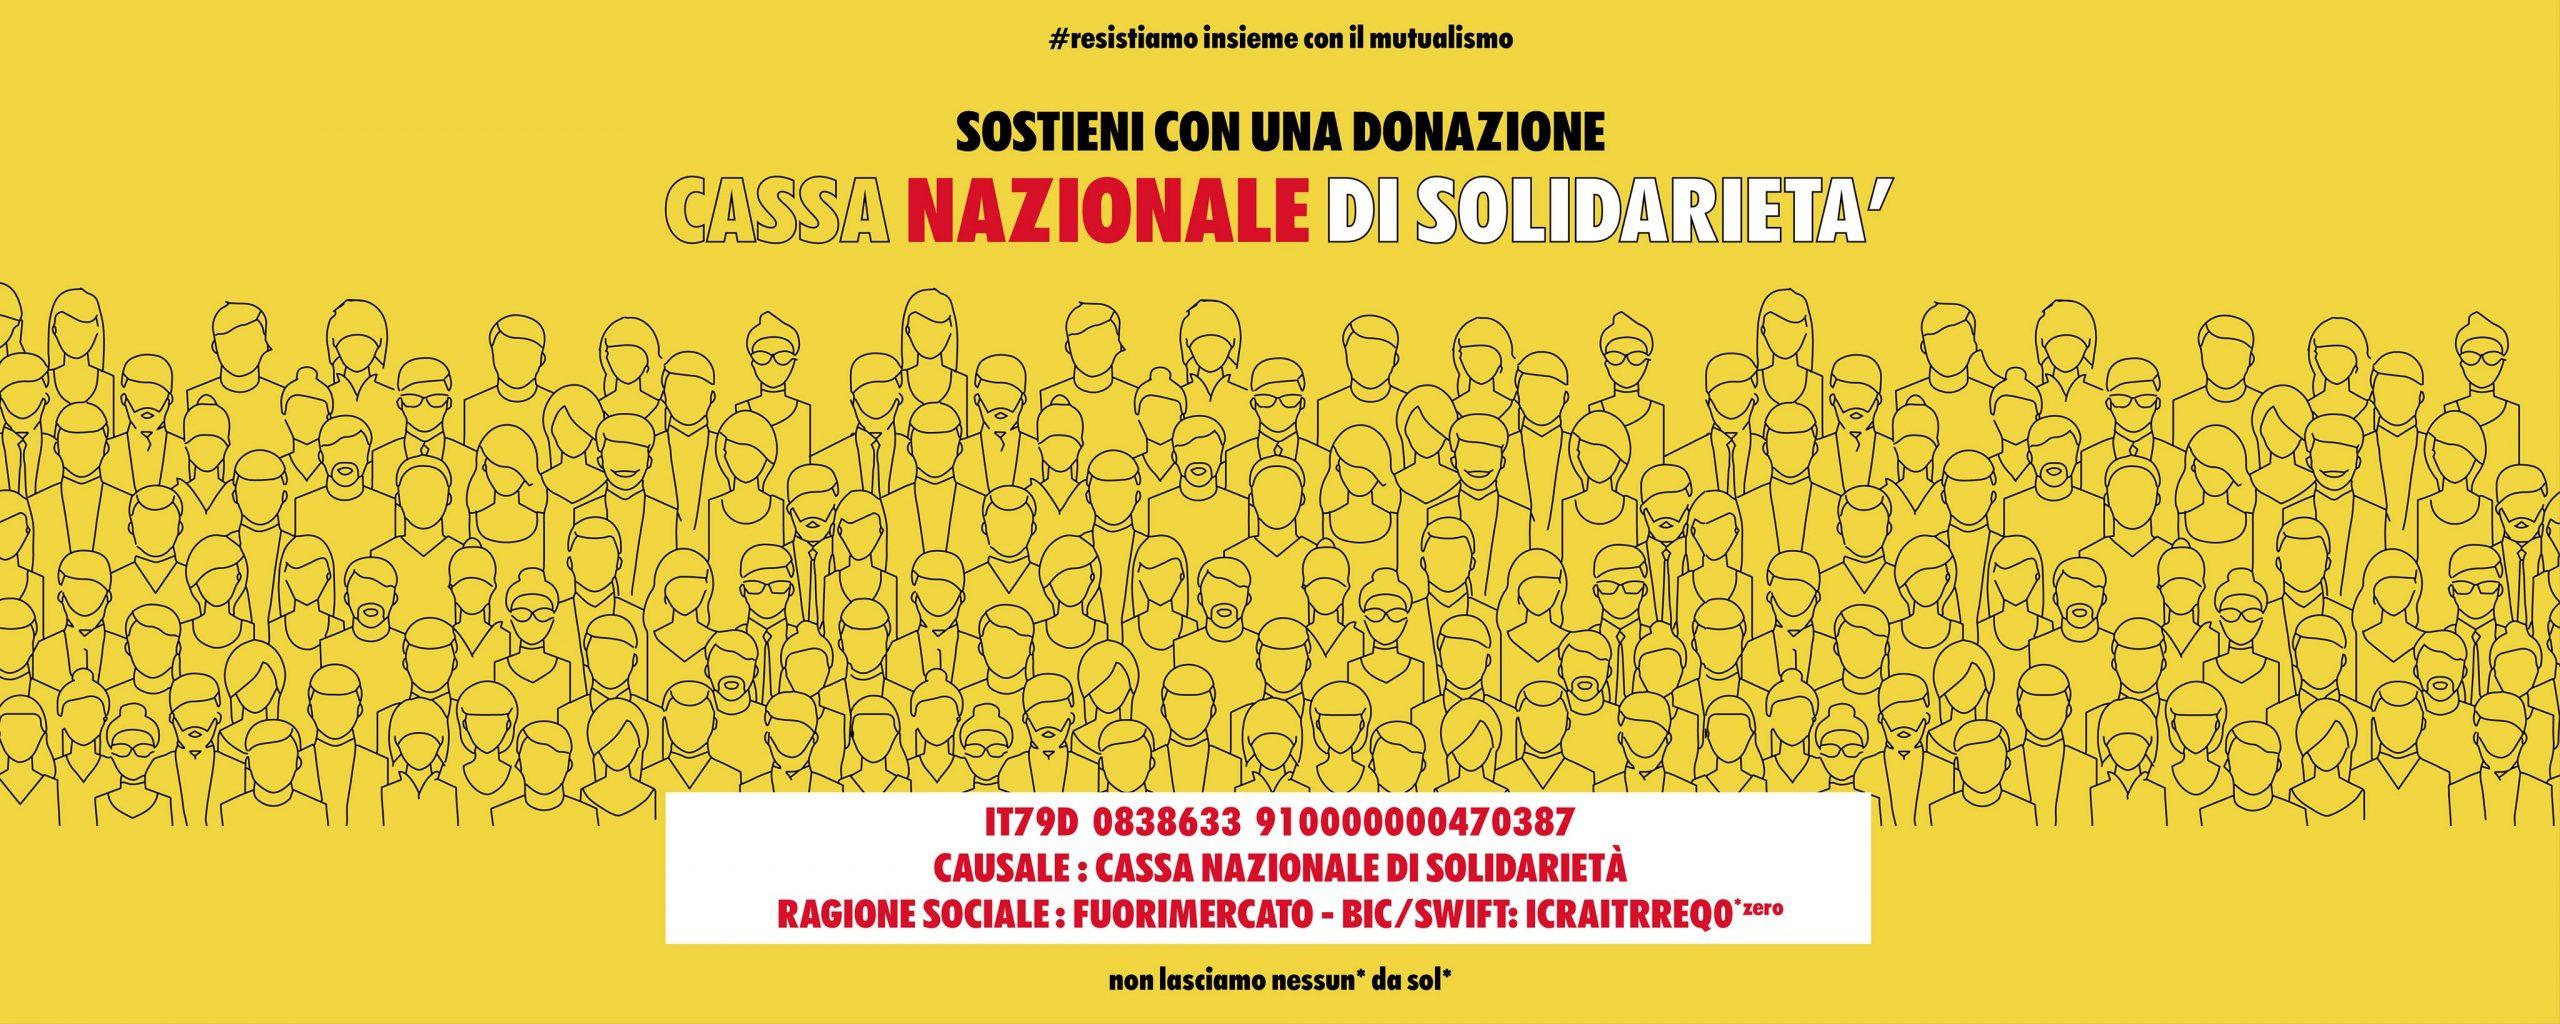 Banner Cassa Nazionale Solidarietà Giallo